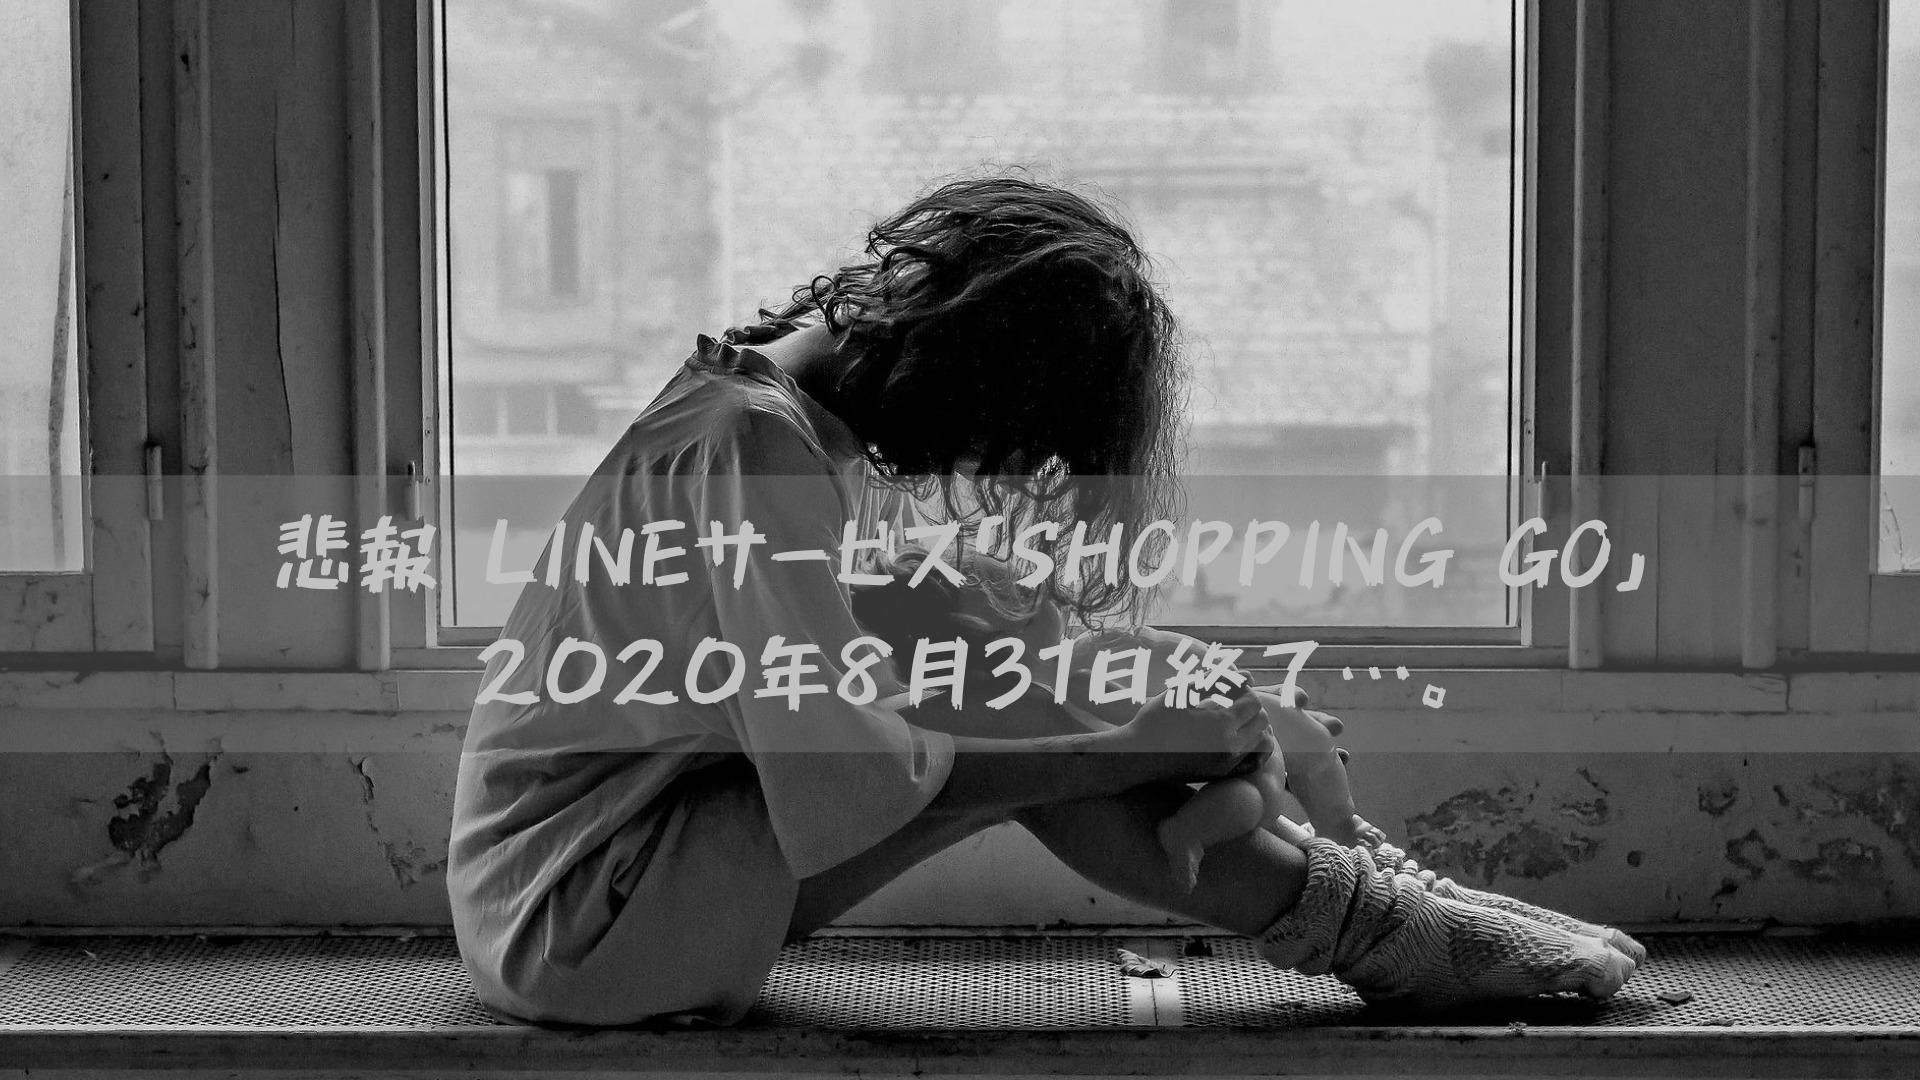 悲報 LINEサービス「SHOPPING GO」2020年8月31日終了…。